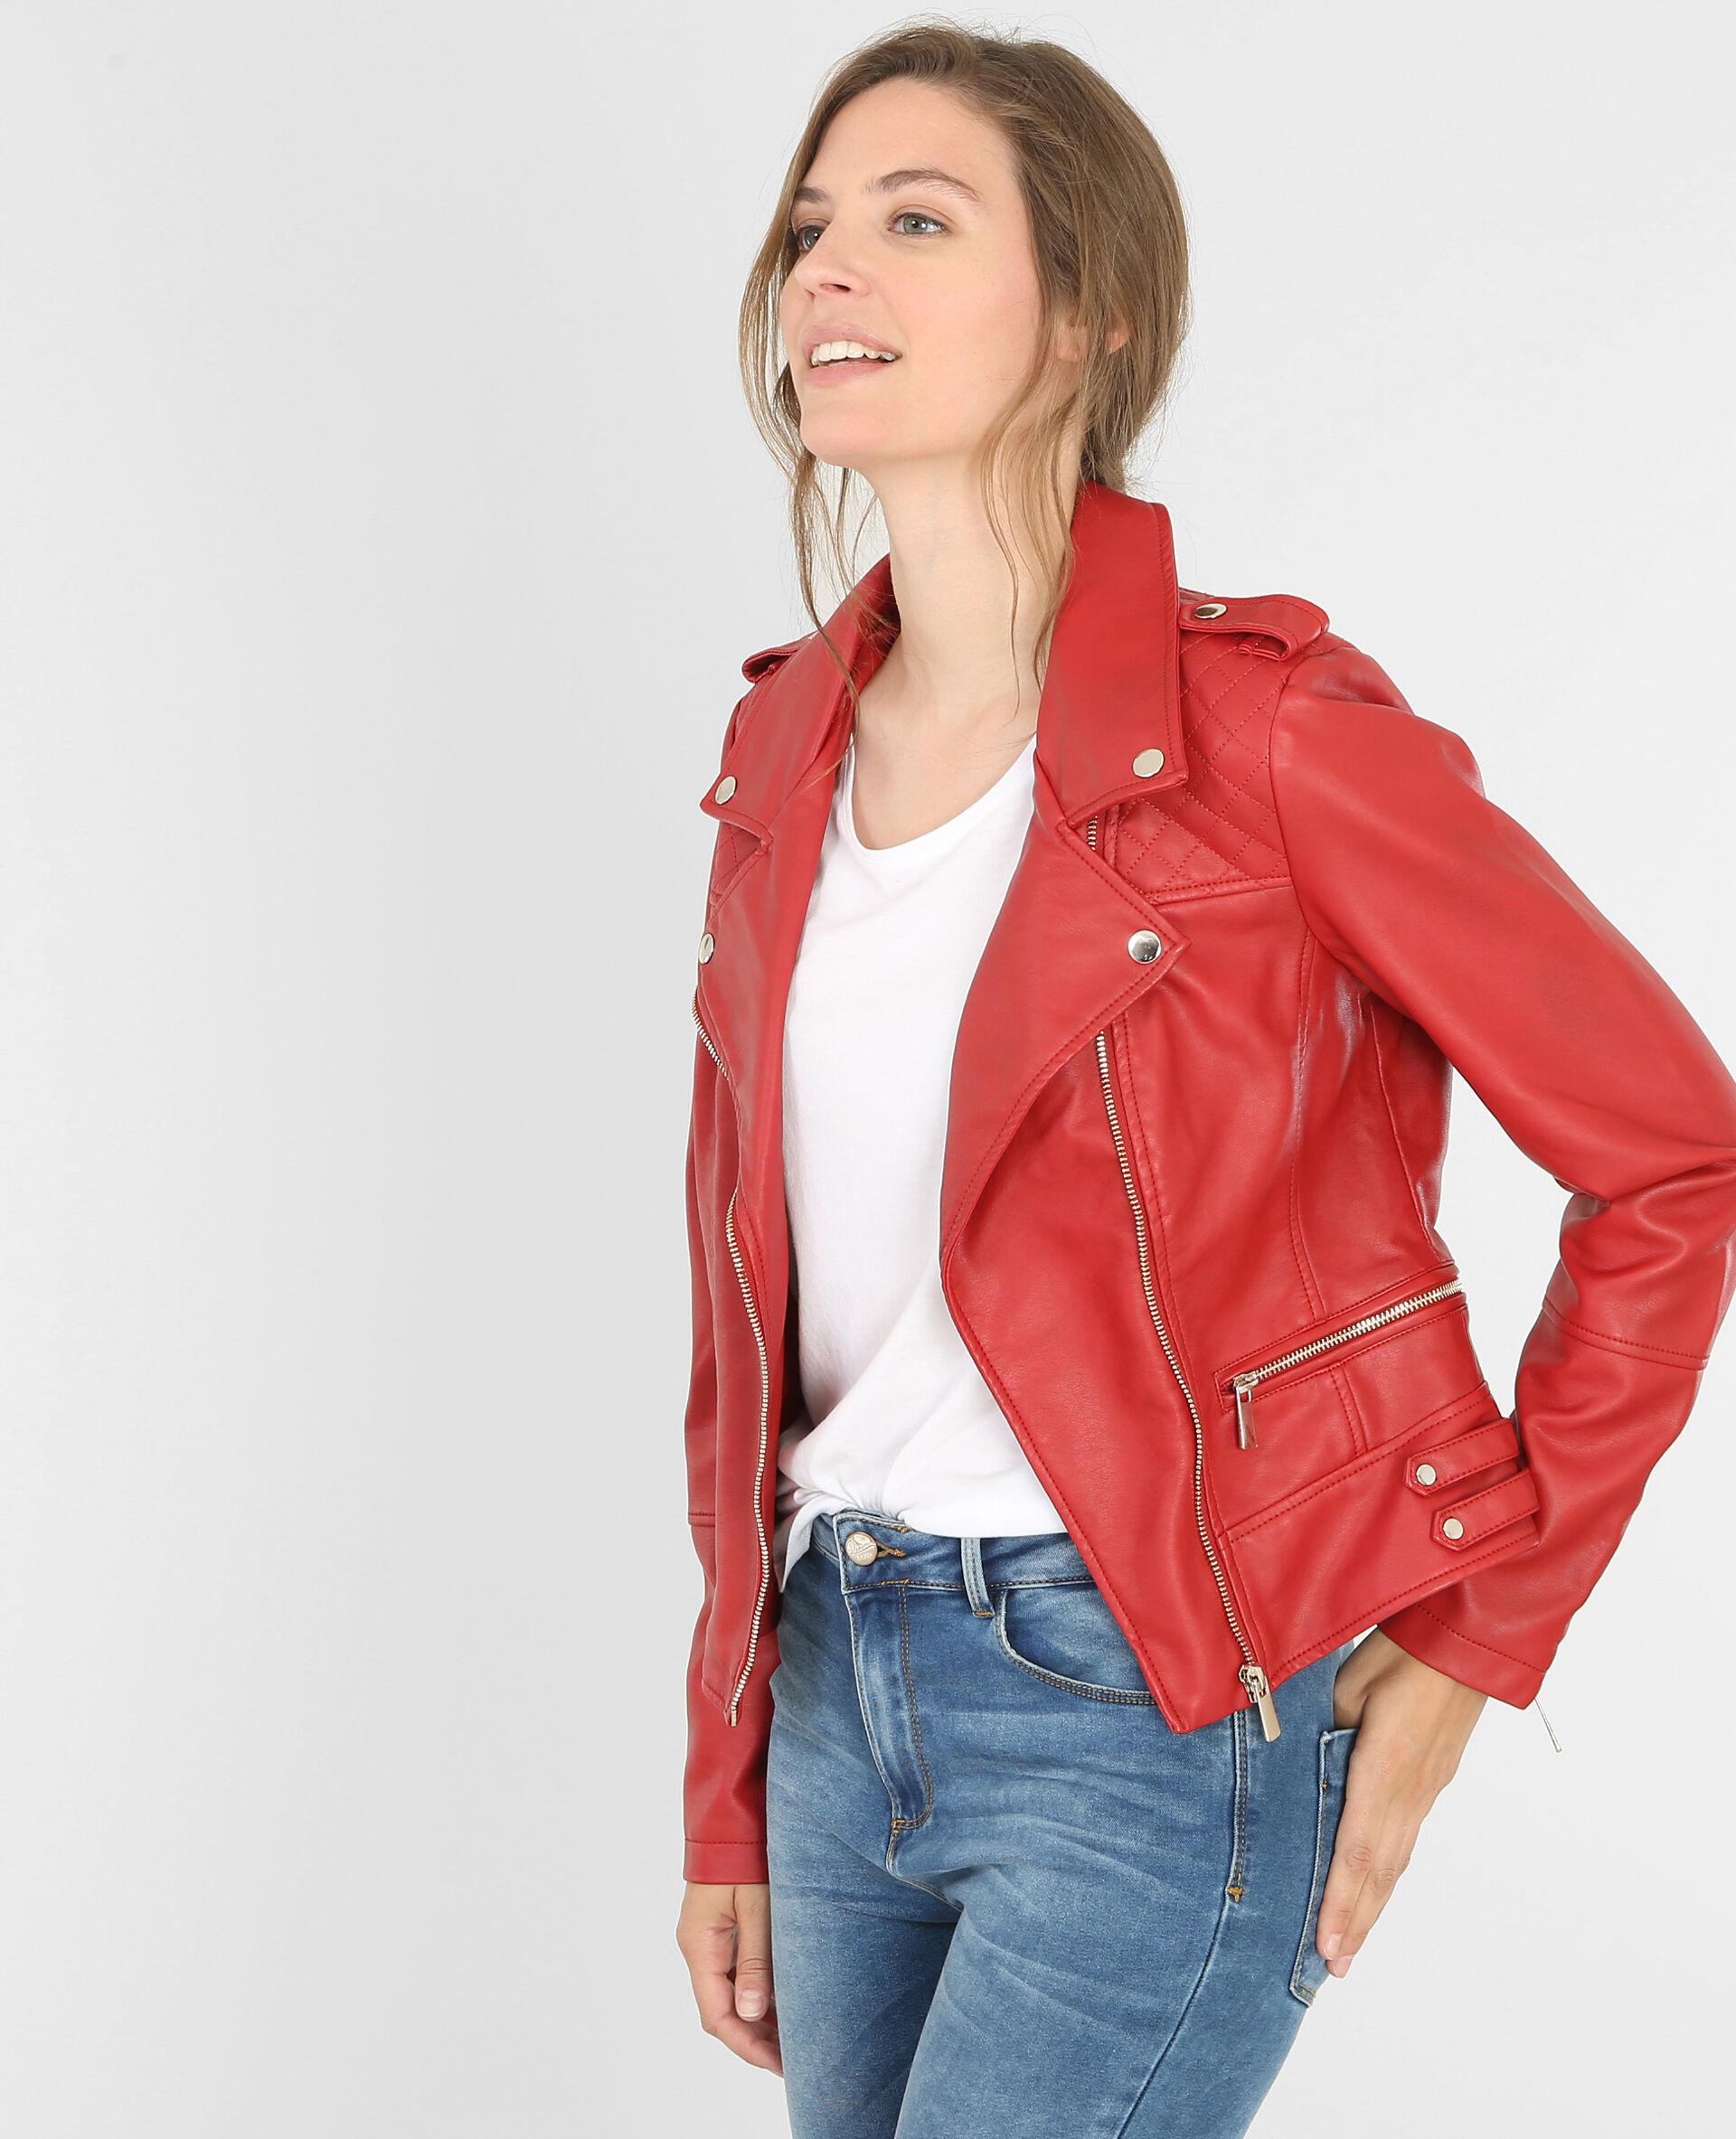 Veste cuir rouge femme pimkie